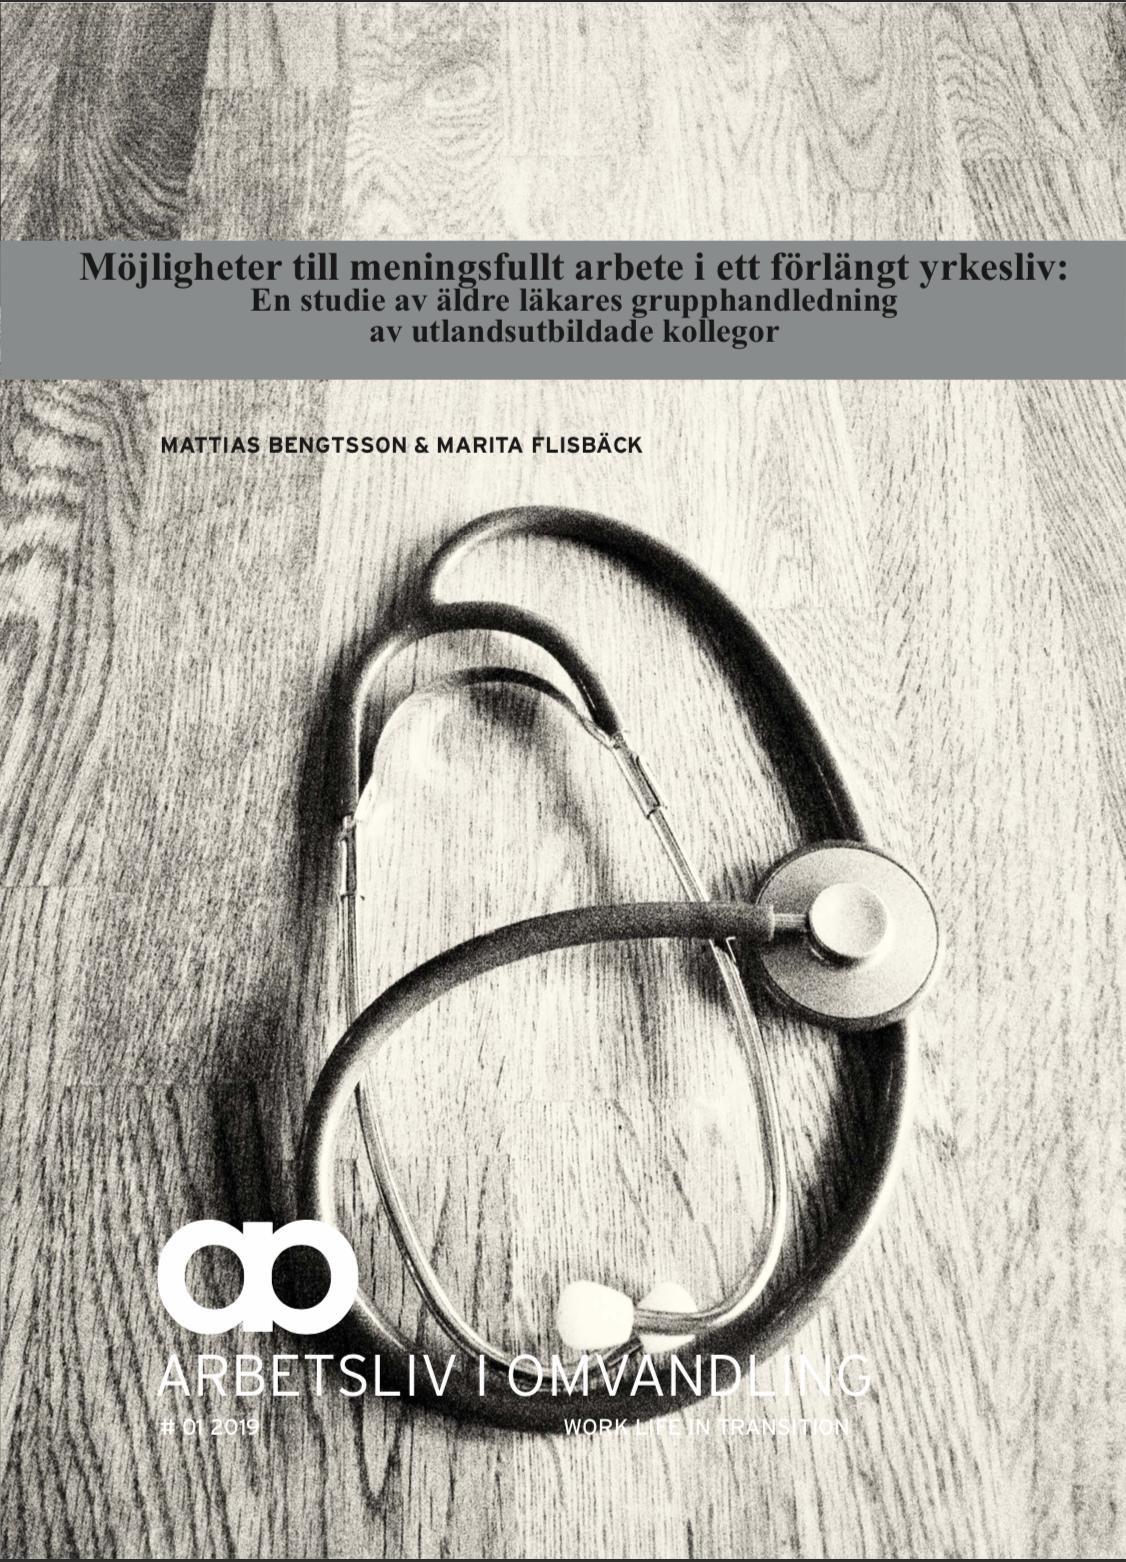 Visa Nr 1 (2019): Möjligheter till meningsfullt arbete i ett förlängt yrkesliv: En studie av äldre läkares grupphandledning av utlandsutbildade kollegor